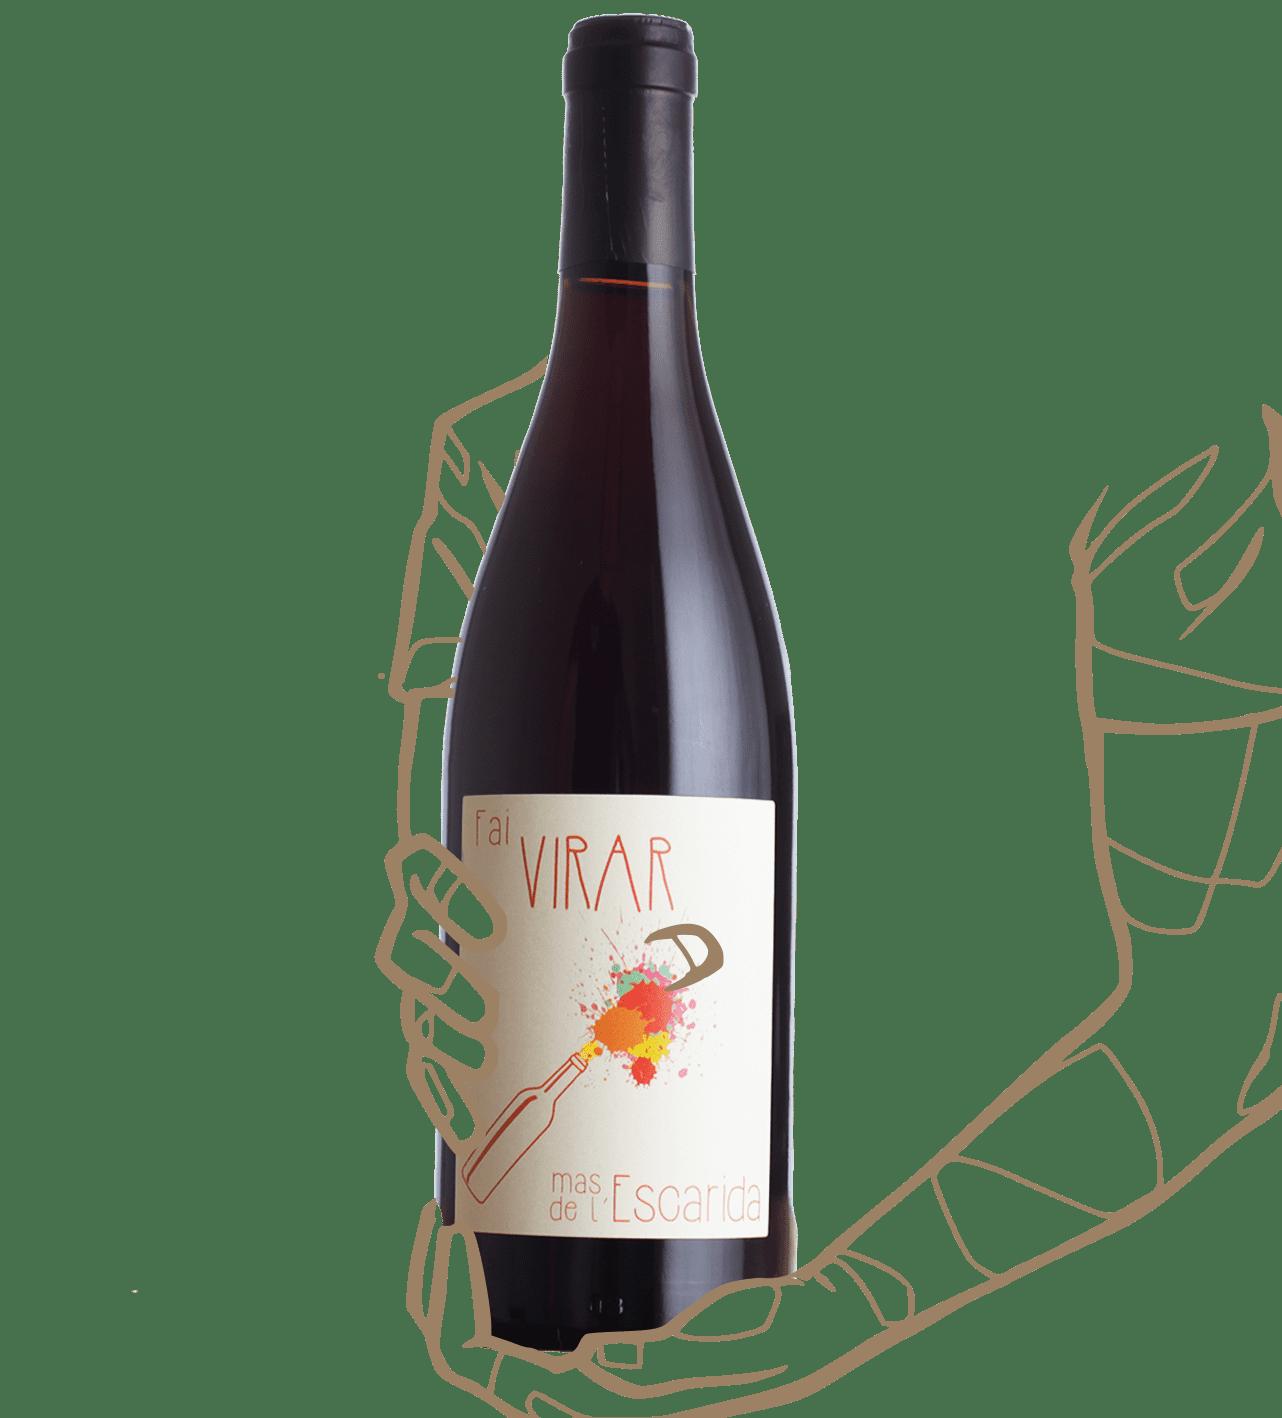 Mas de l'Escarida - Fai virar est un vin naturel